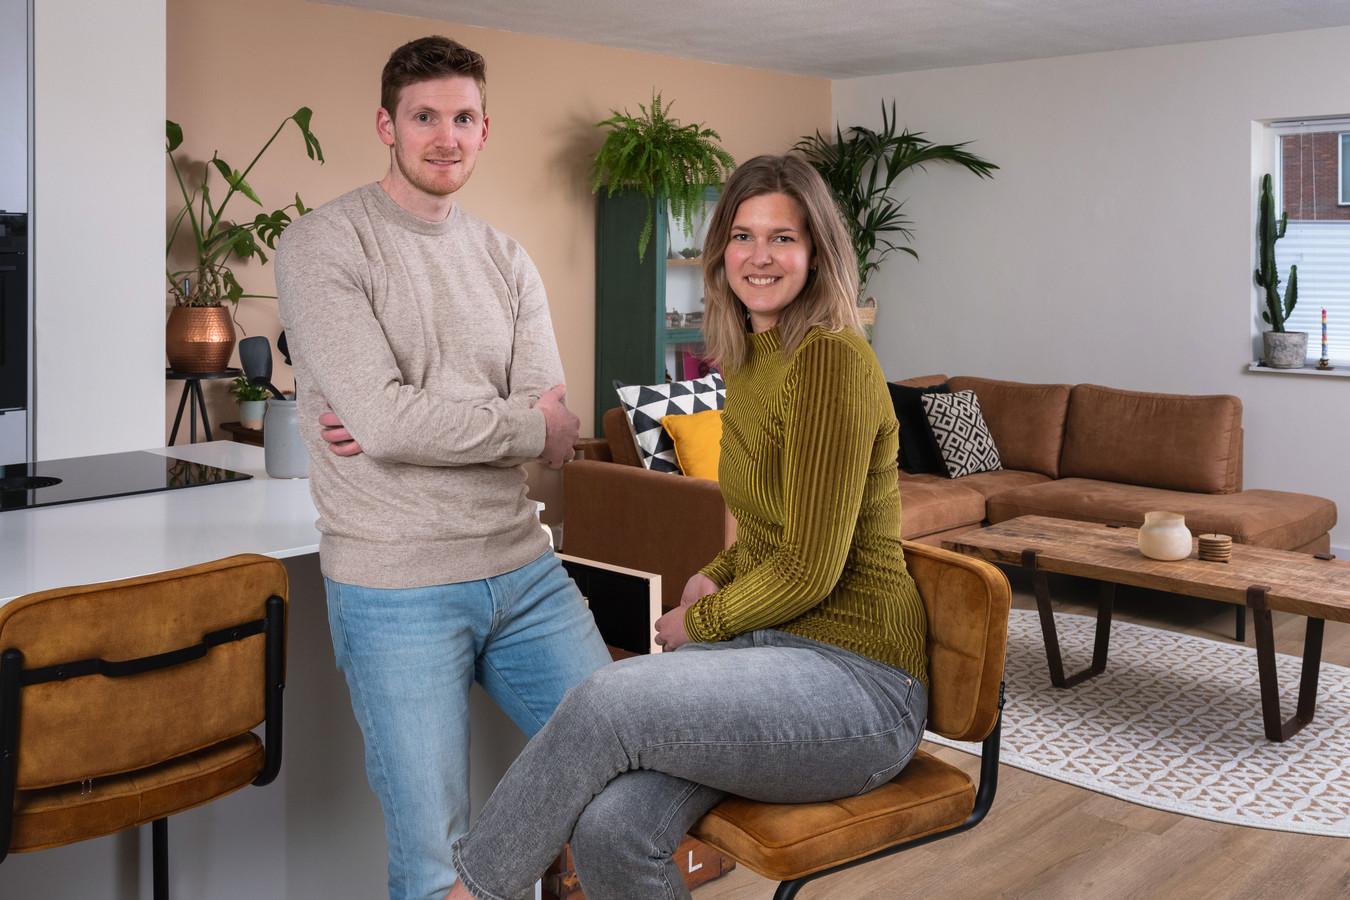 Rick van der Valk en Sophie Plas in hun nieuwe huis. Ze voelden zich schuldig over de 'winst' die ze maakten op hun vorige woning.